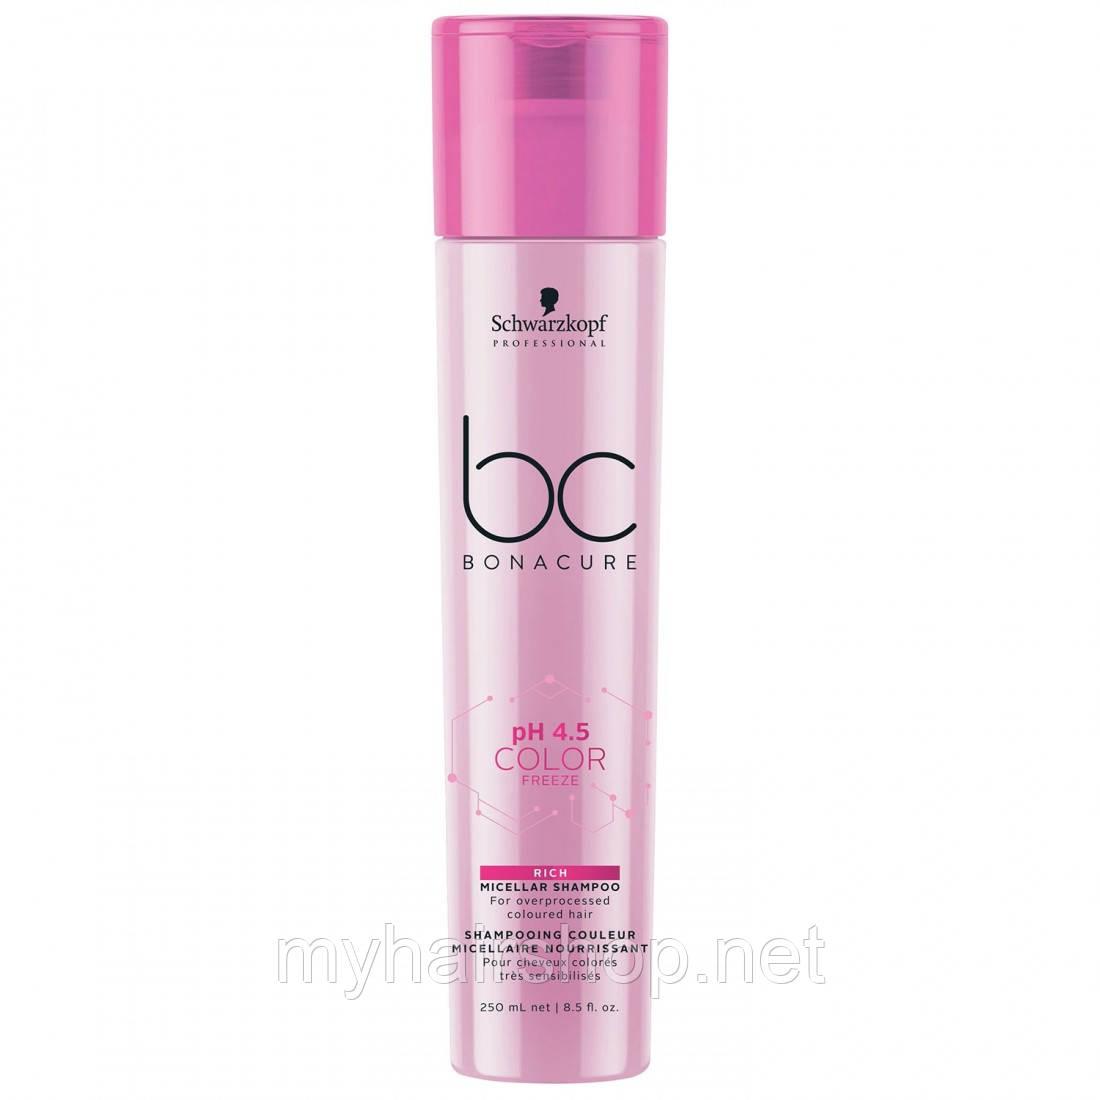 Мицеллярный шампунь для окрашенных волос SCHWARZKOPF BC Color Freeze Rich Micellar Shampoo 250 мл